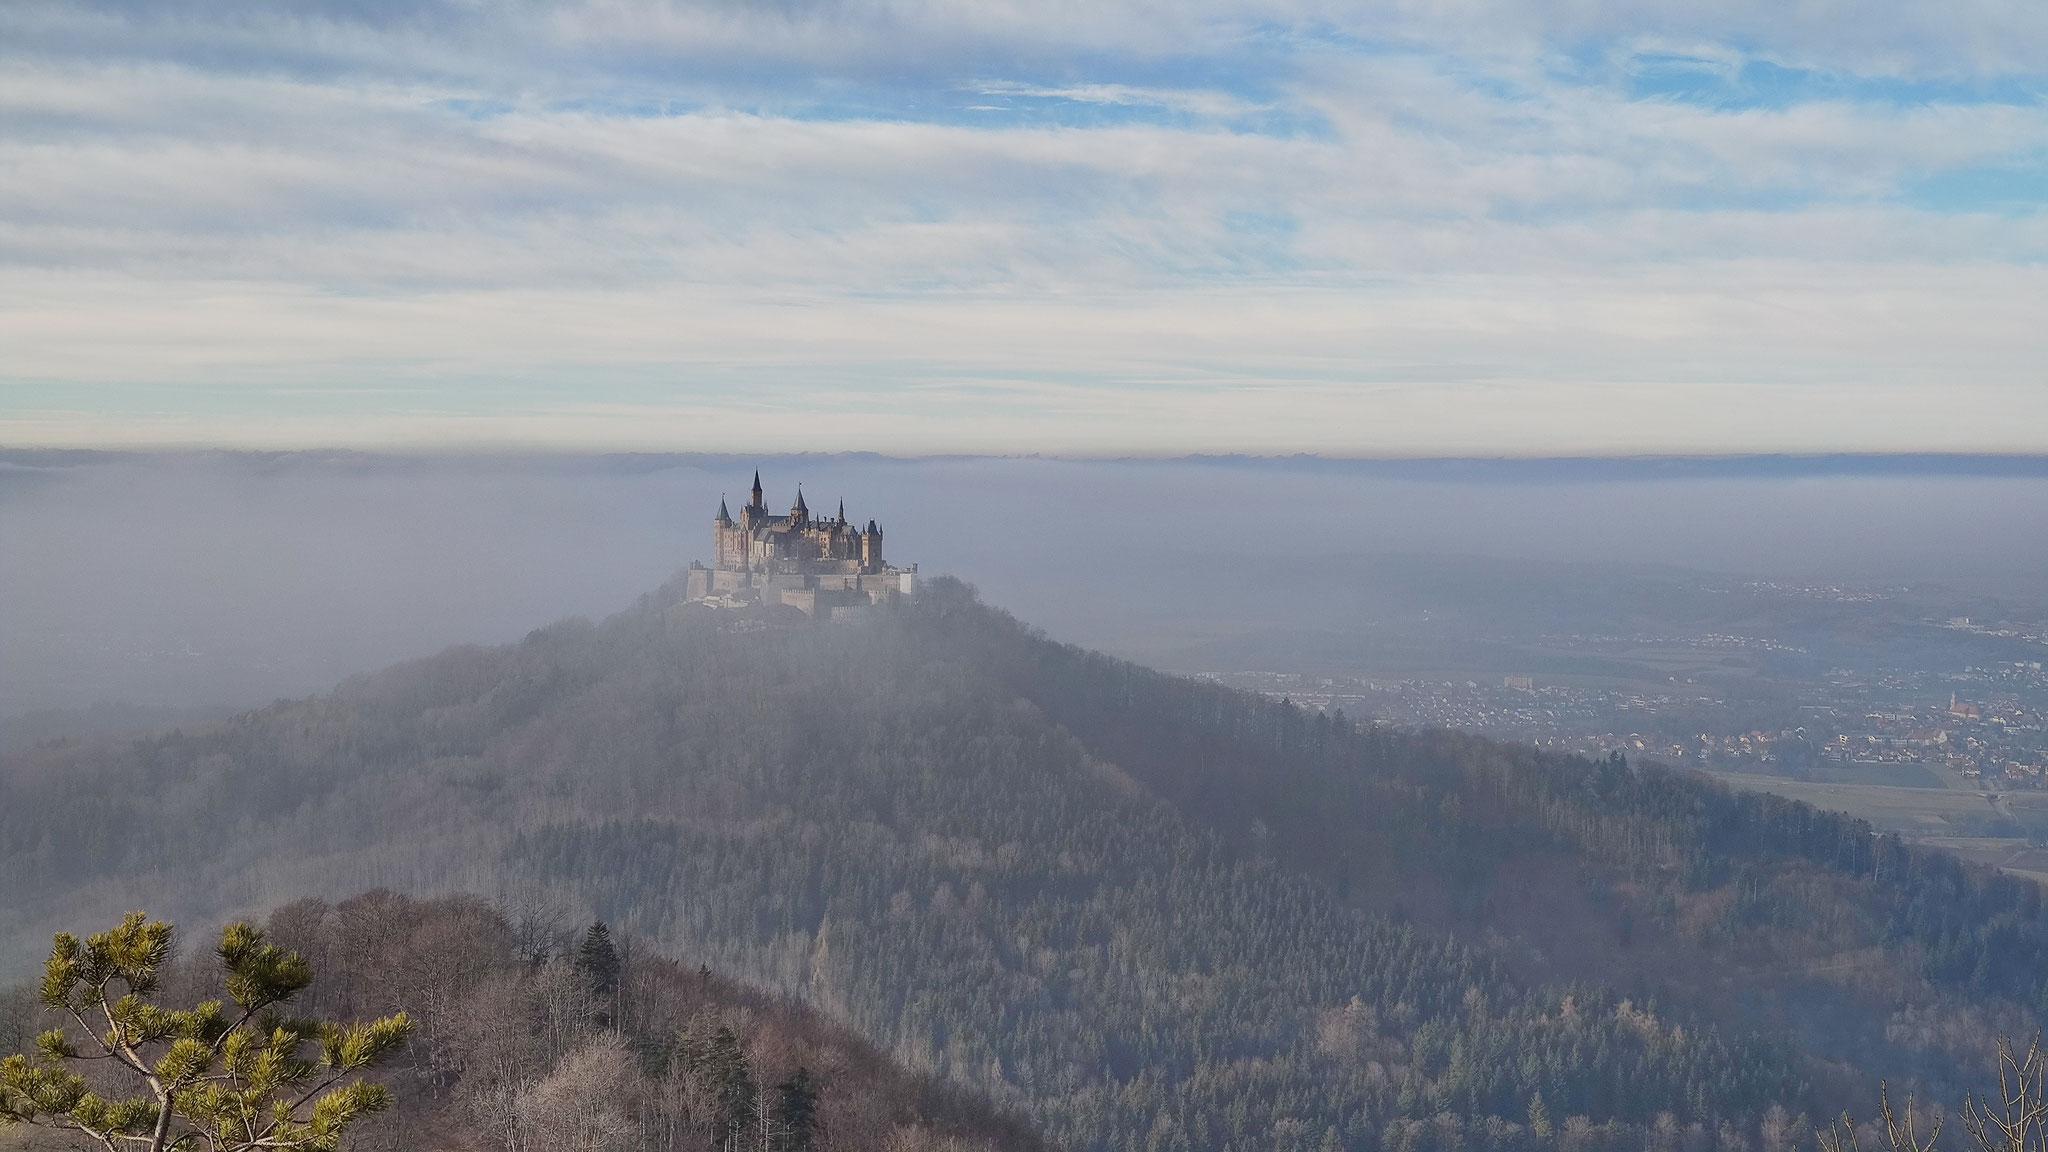 Aussicht vom Zeller Horn auf die Burg Hohenzollern im Winter